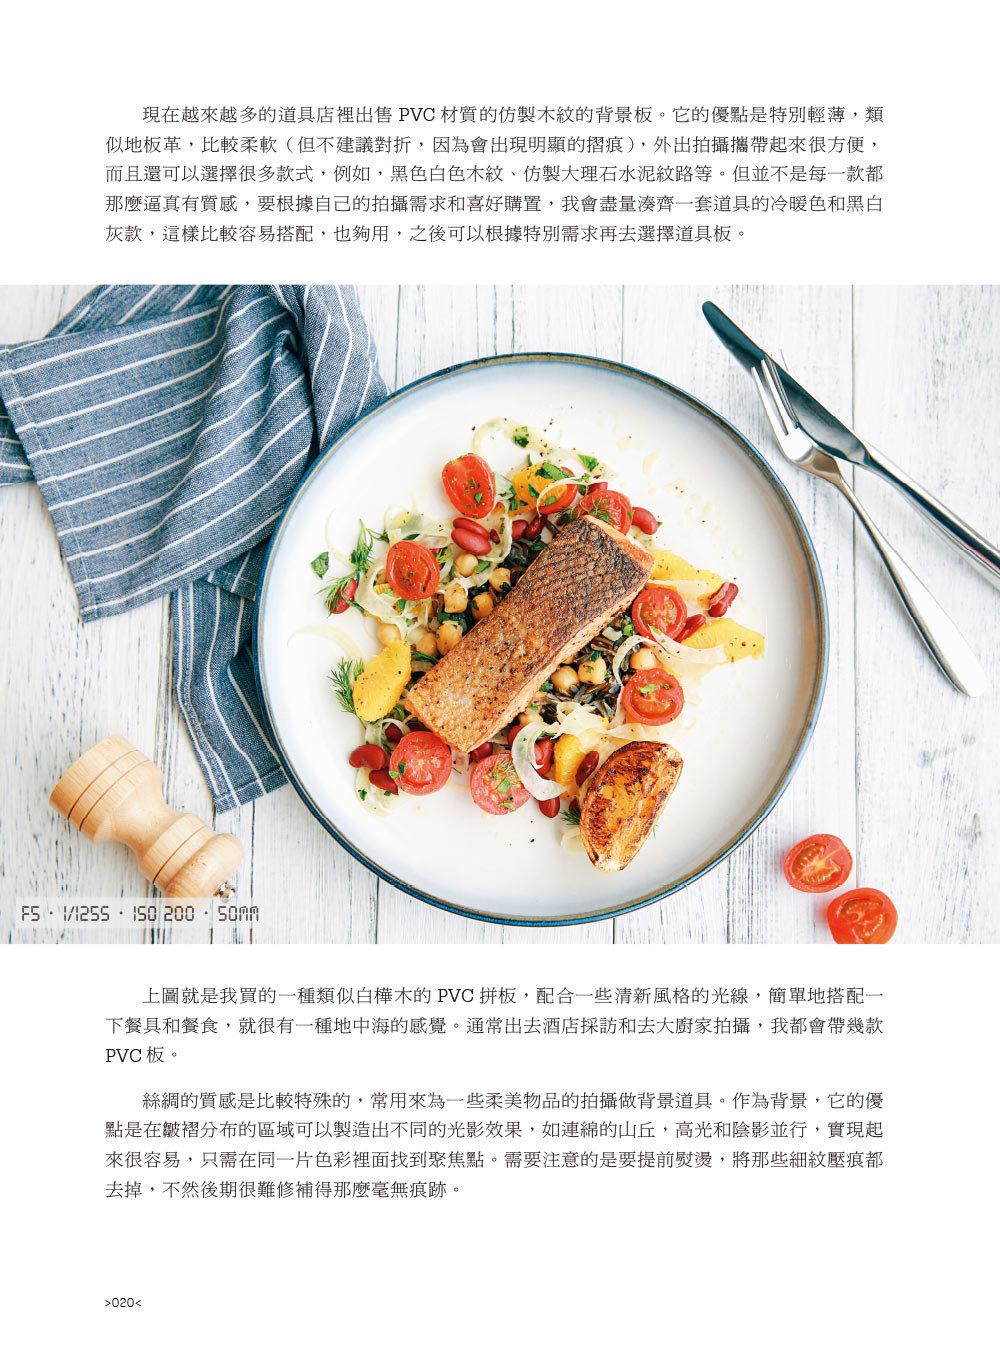 專業美食攝影秘訣大公開 布景x構圖x光線-preview-3